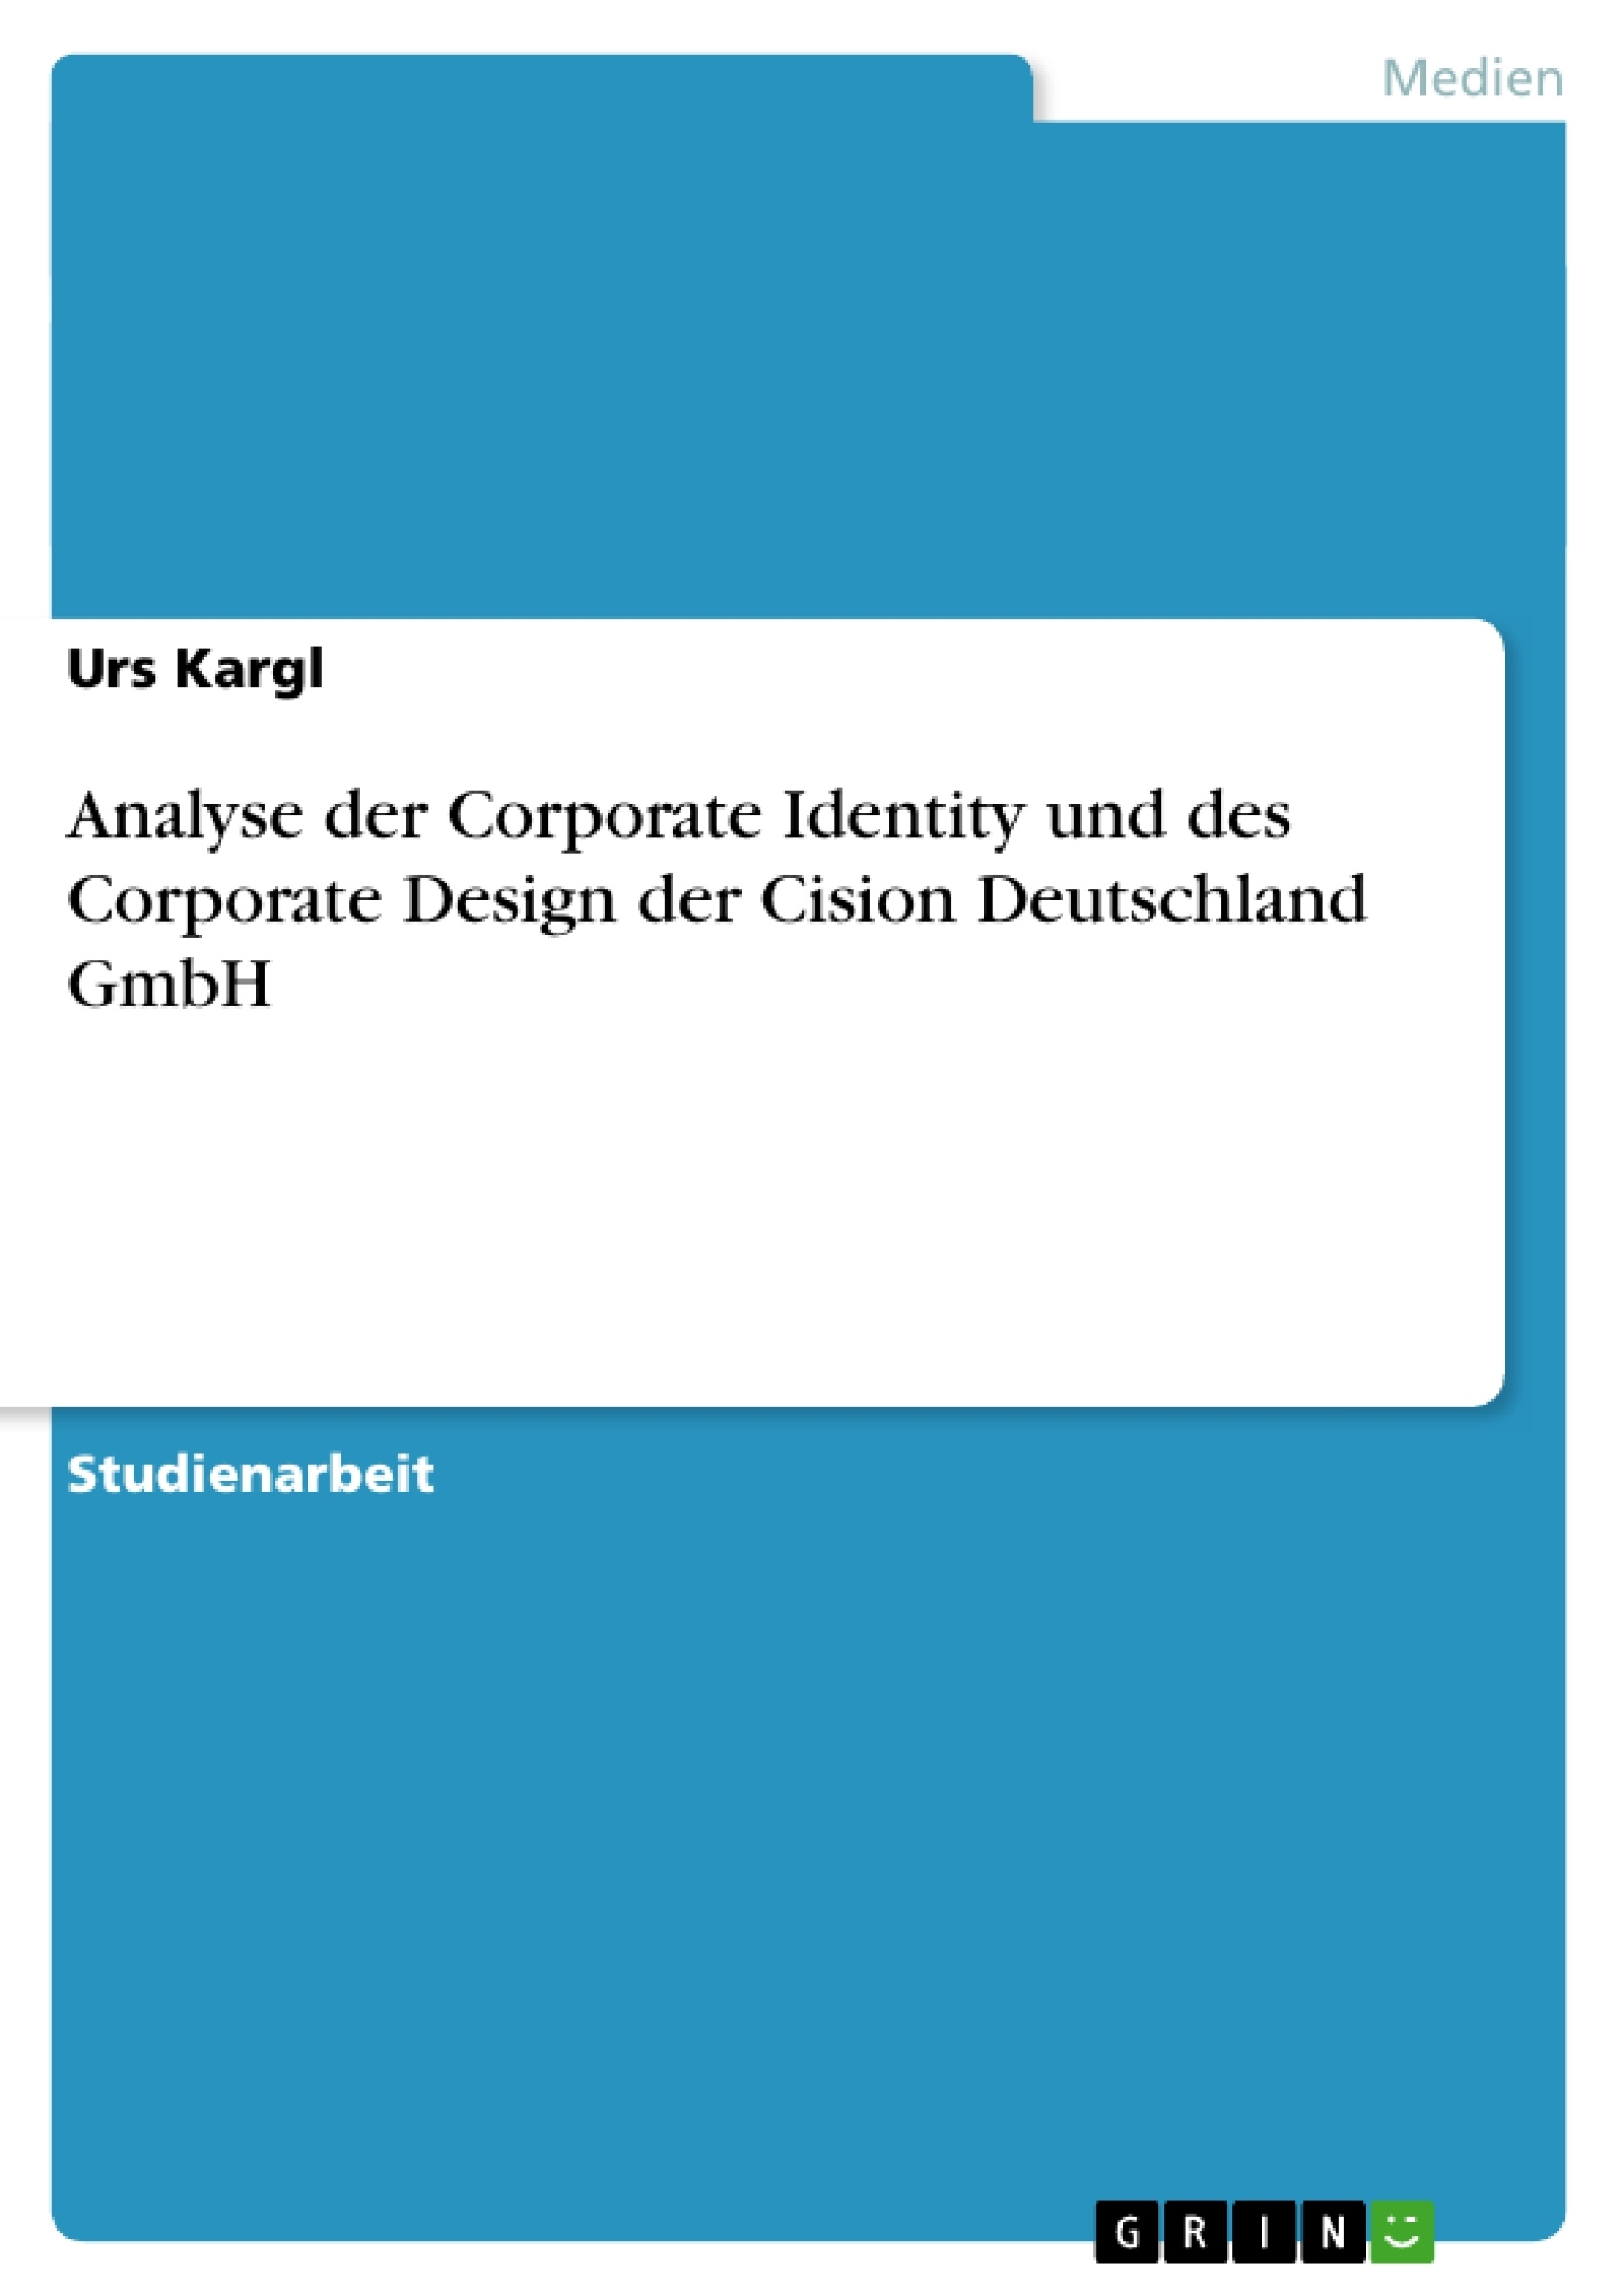 Titel: Analyse der Corporate Identity und des Corporate Design der Cision Deutschland GmbH